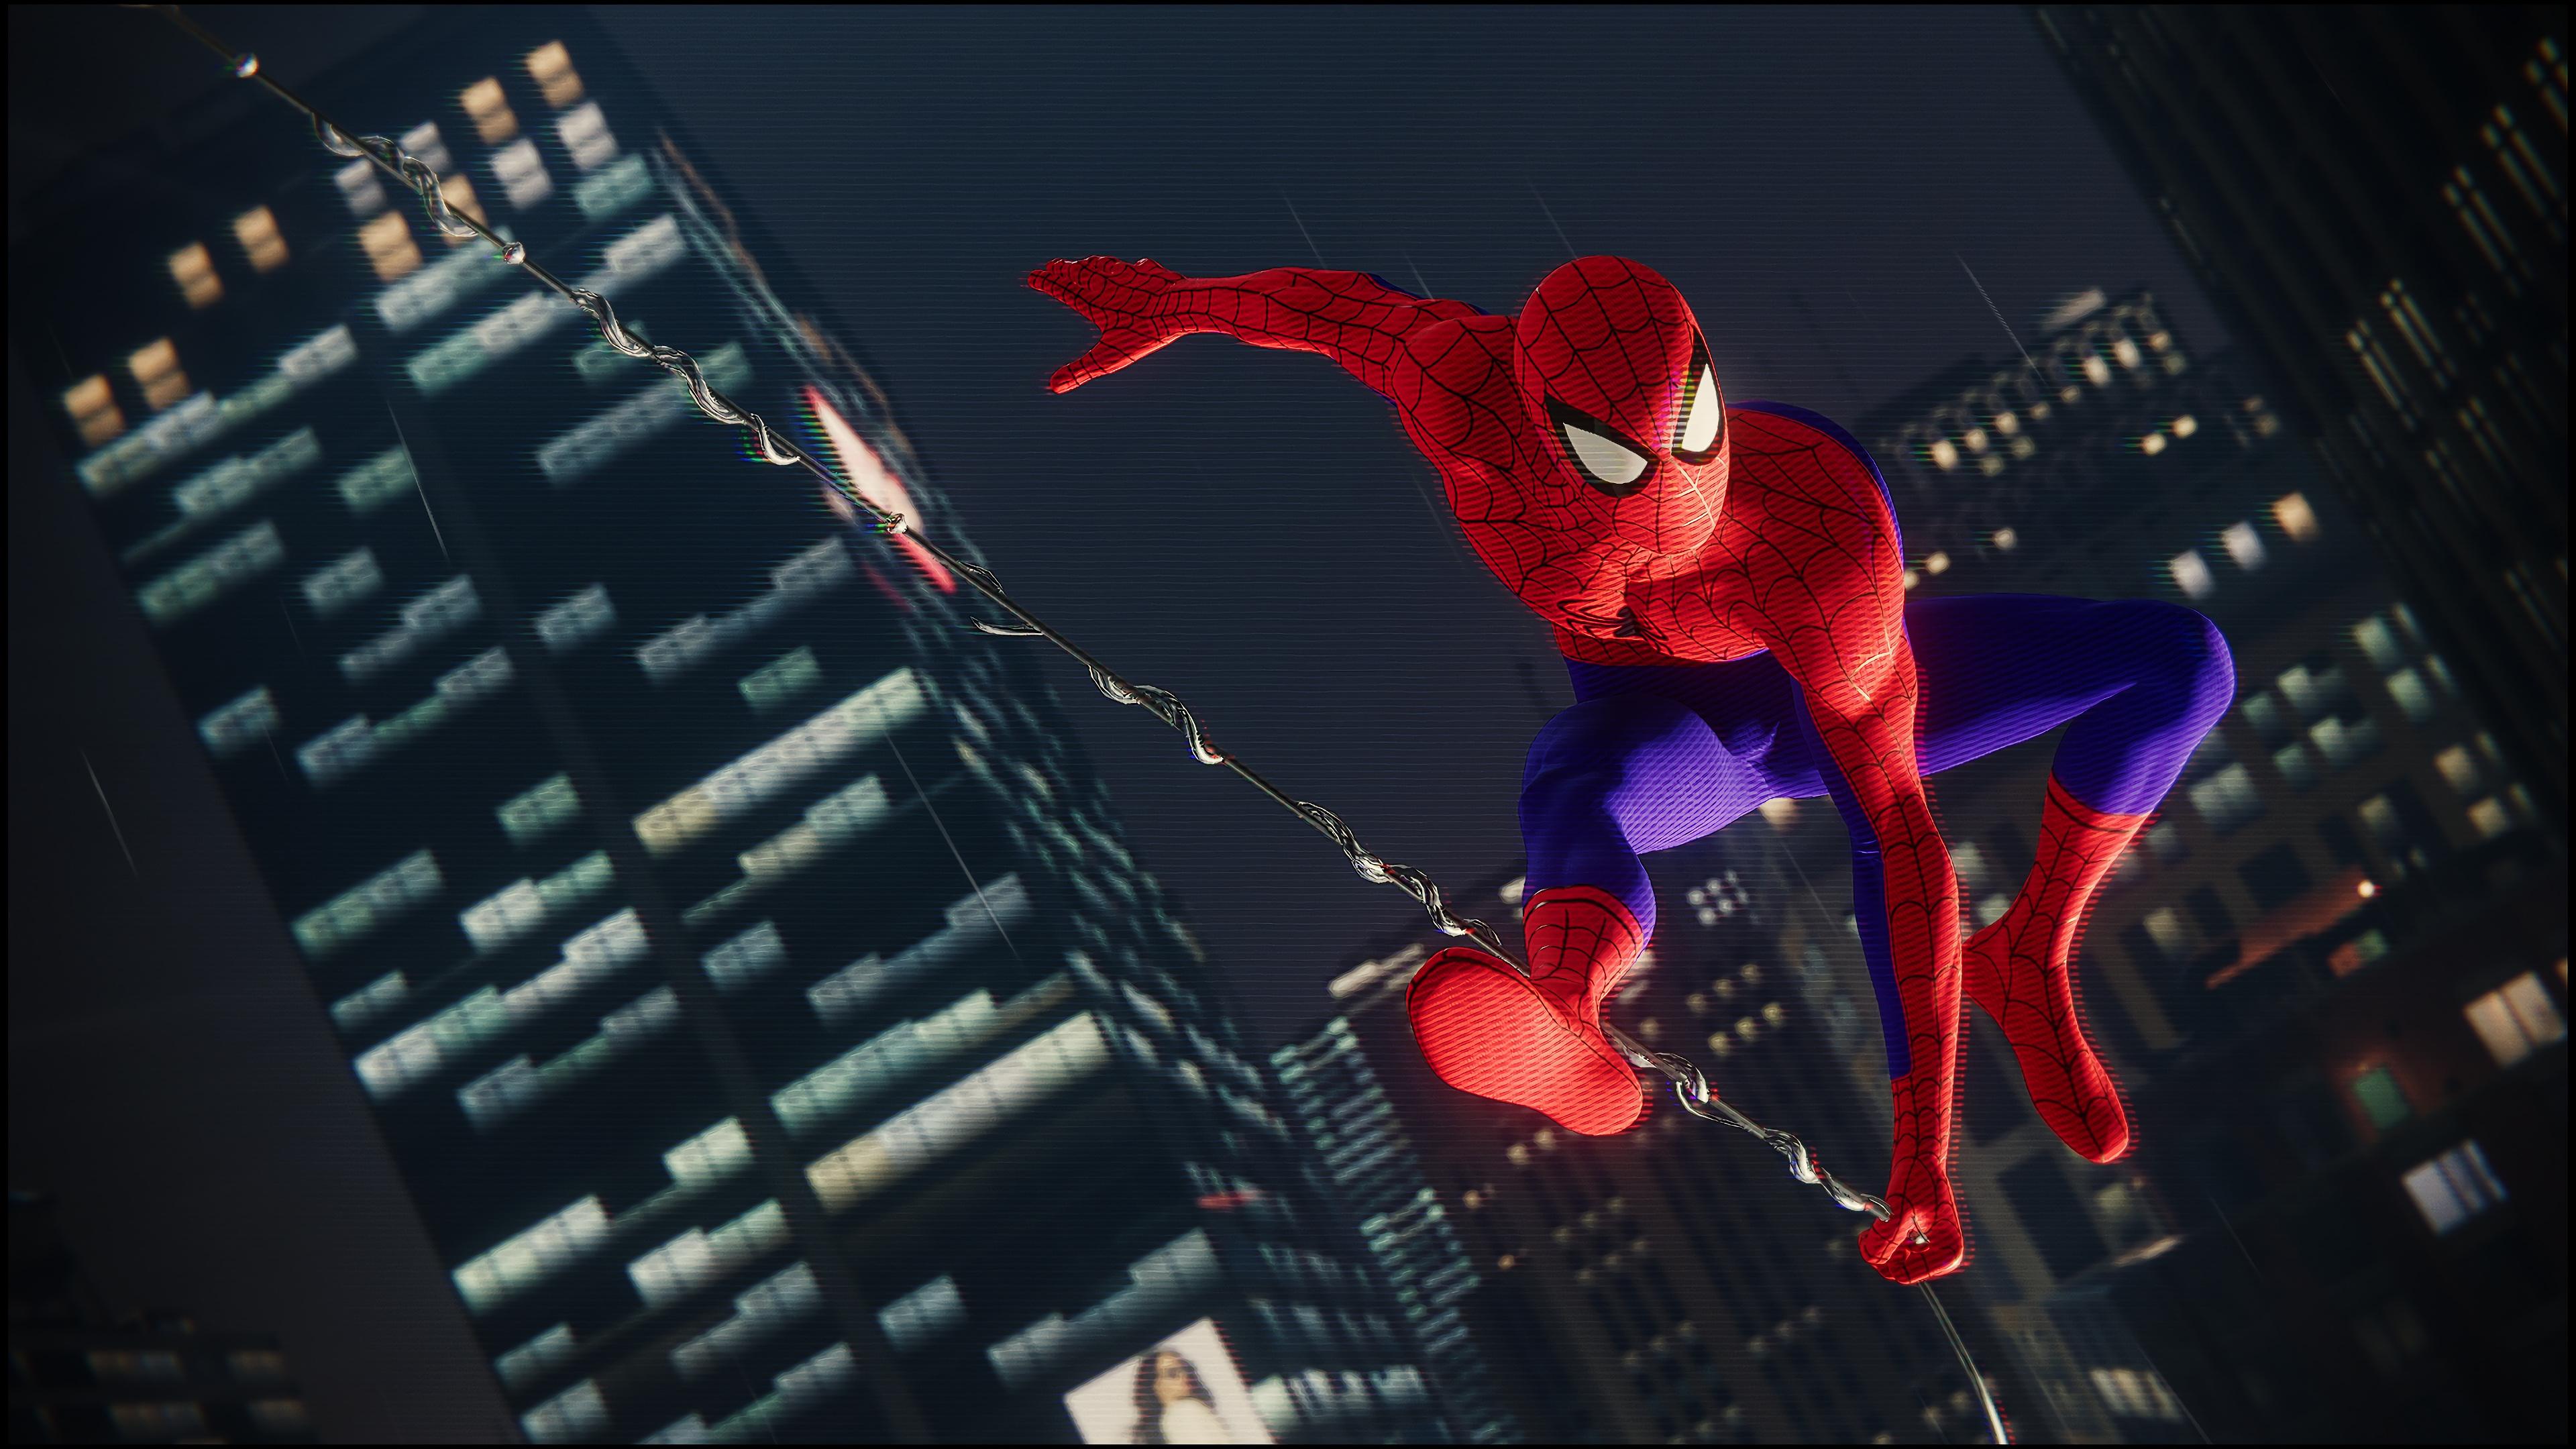 2048x2048 Spiderman 4k Ps4 Game 2018 Ipad Air HD 4k